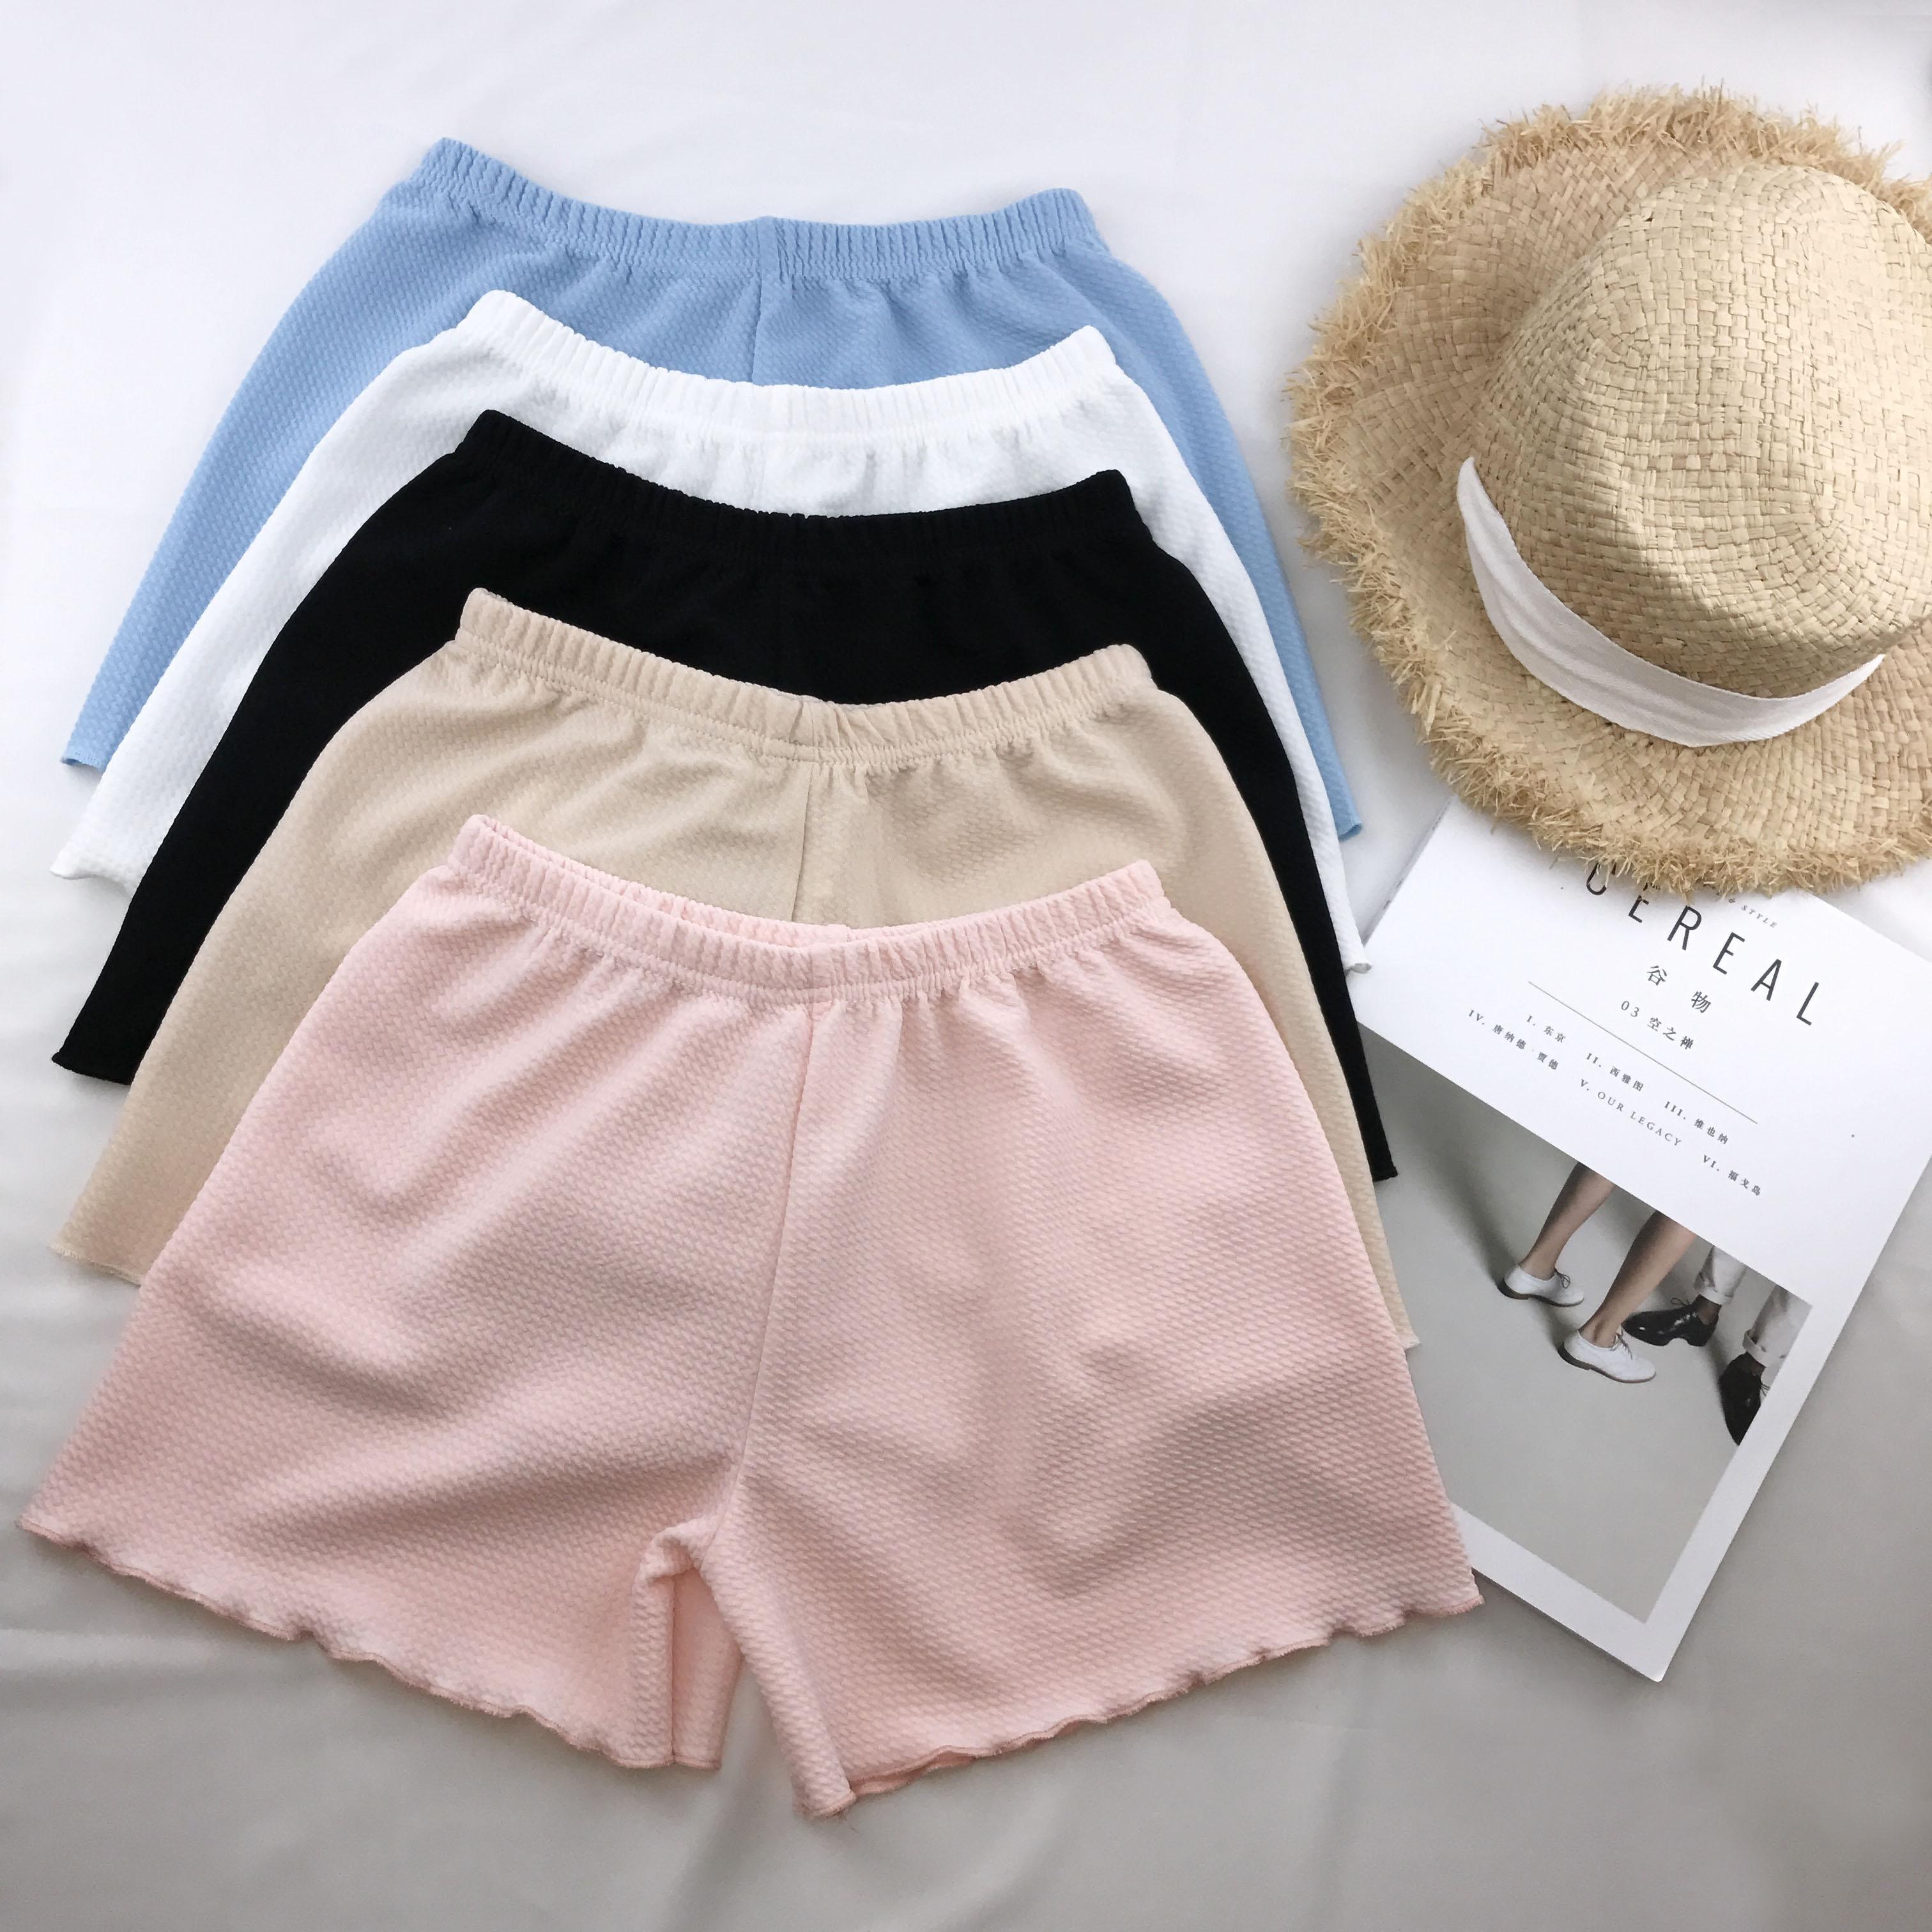 海岛度假内搭沙滩短裤宽松薄款花边防走光安全裤保险裤打底裤